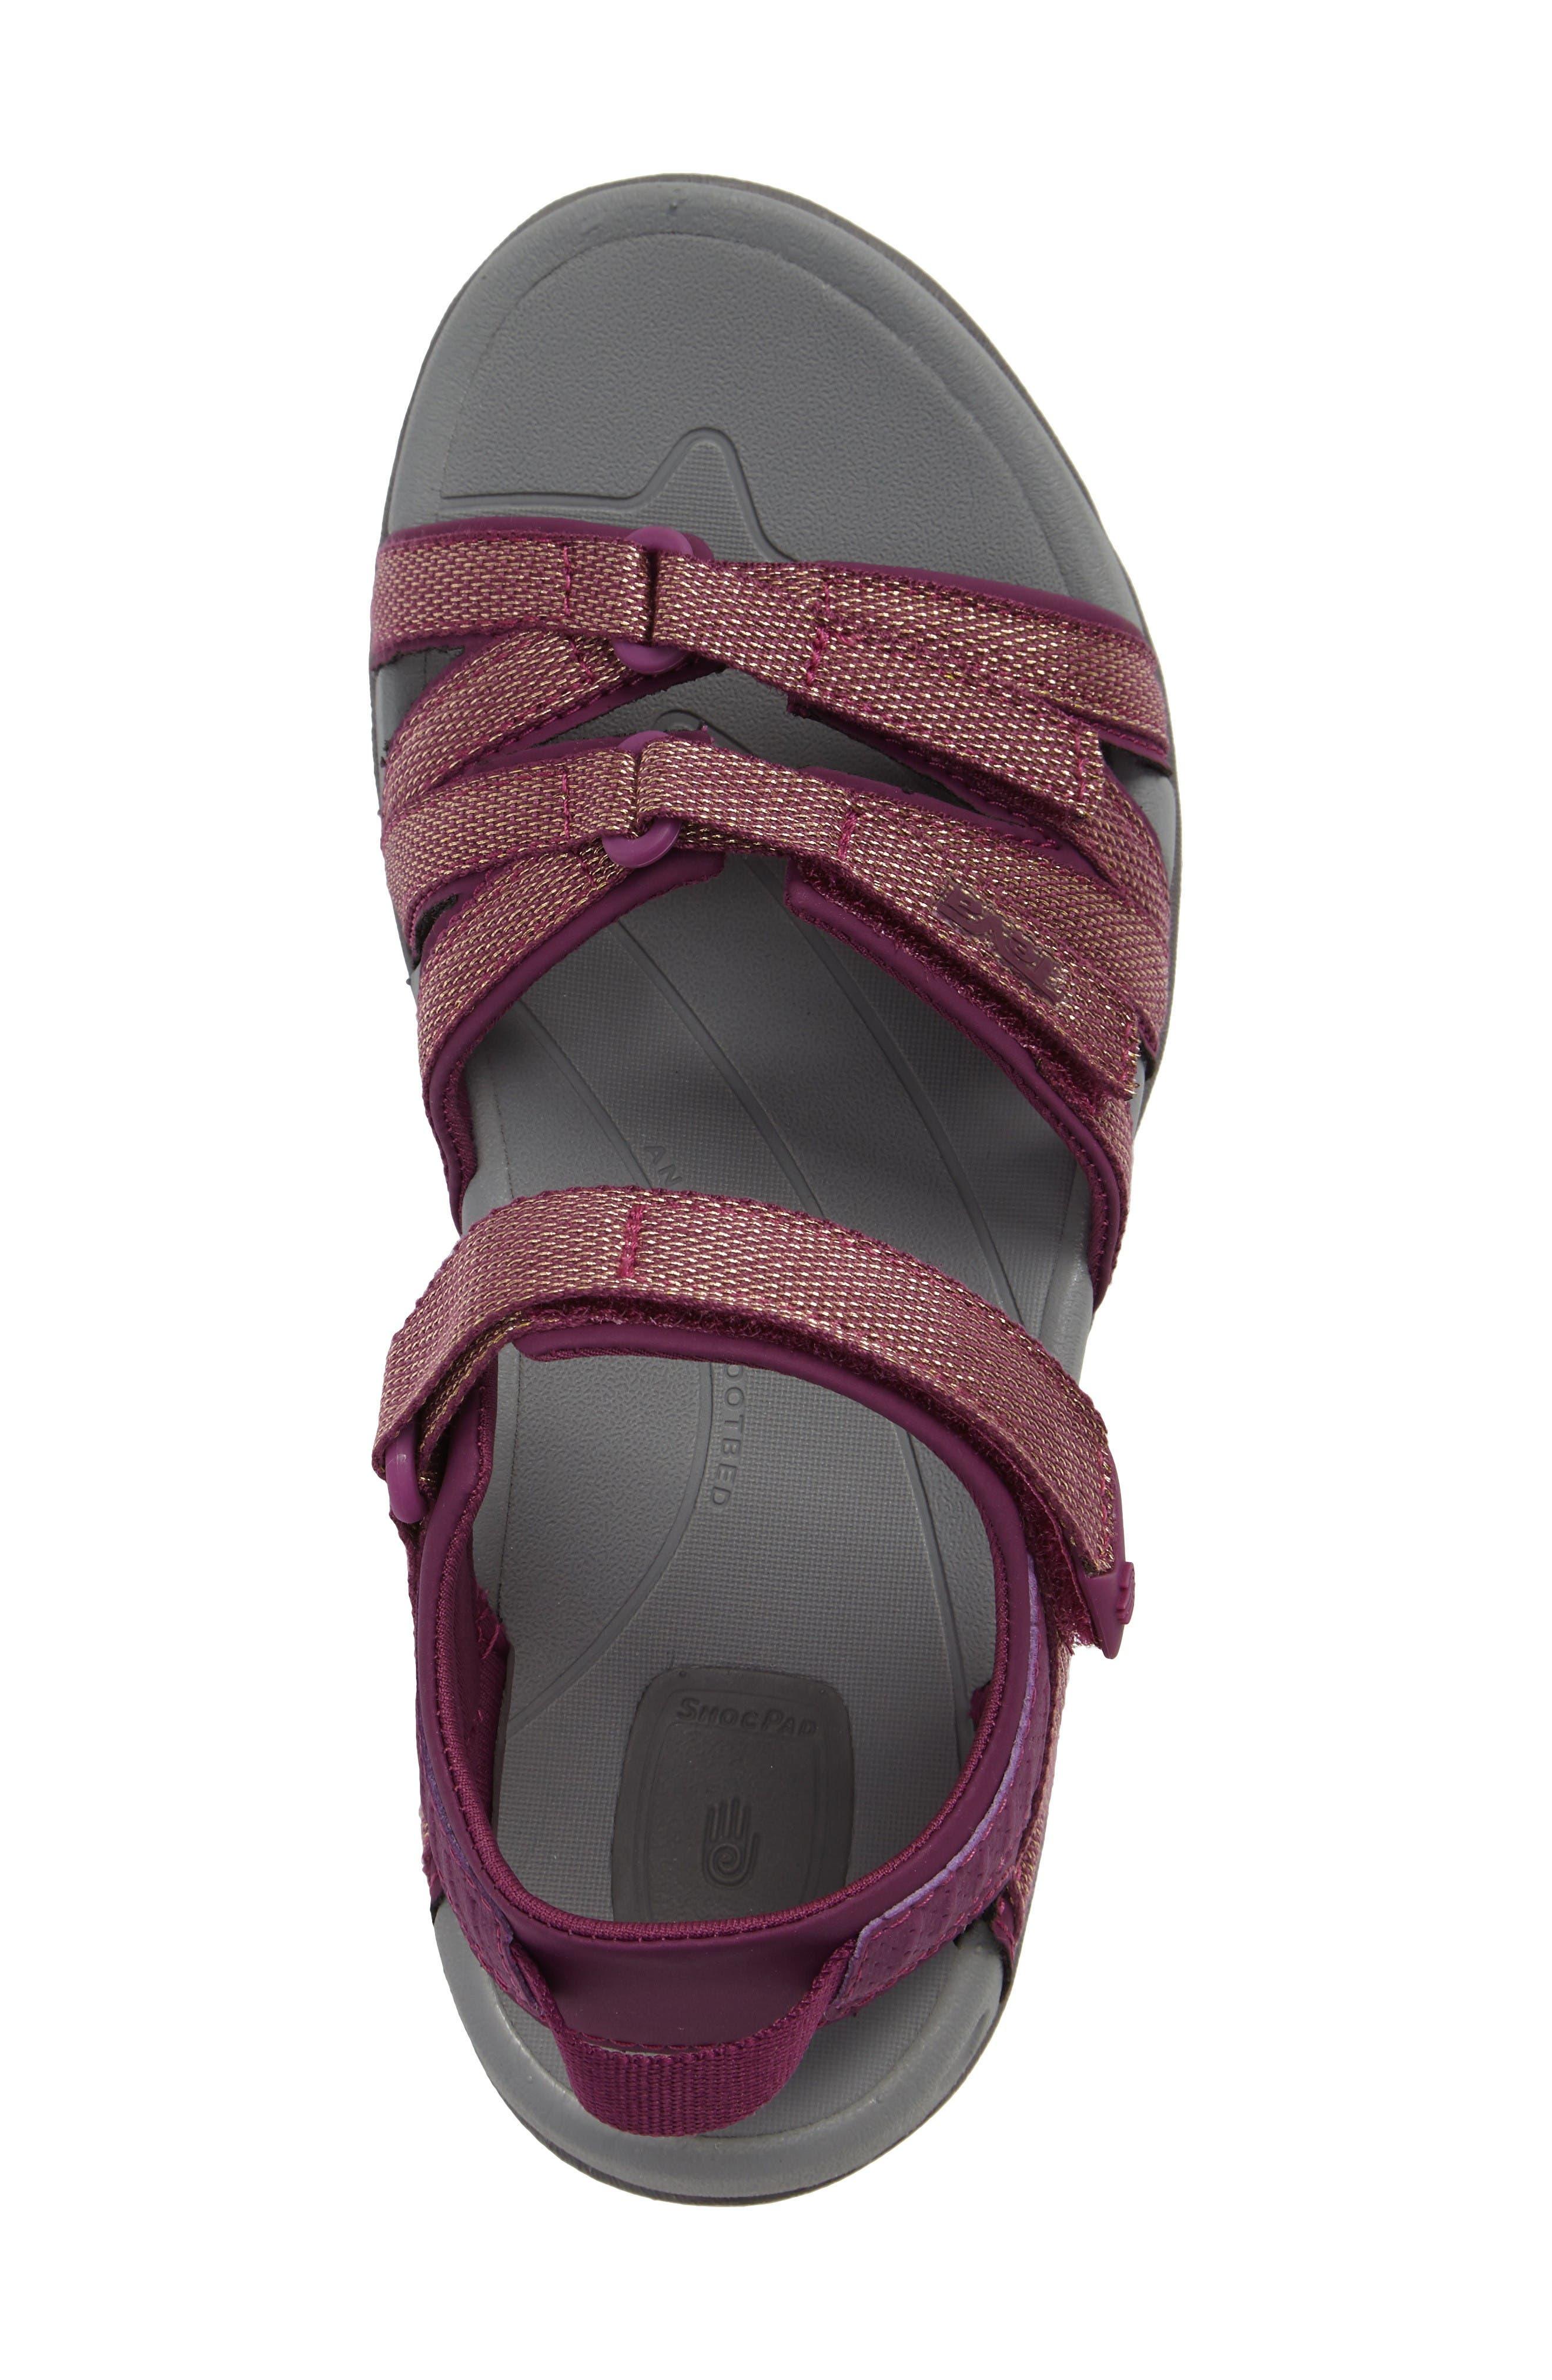 Alternate Image 3  - Teva 'Tirra' Sandal (Women)